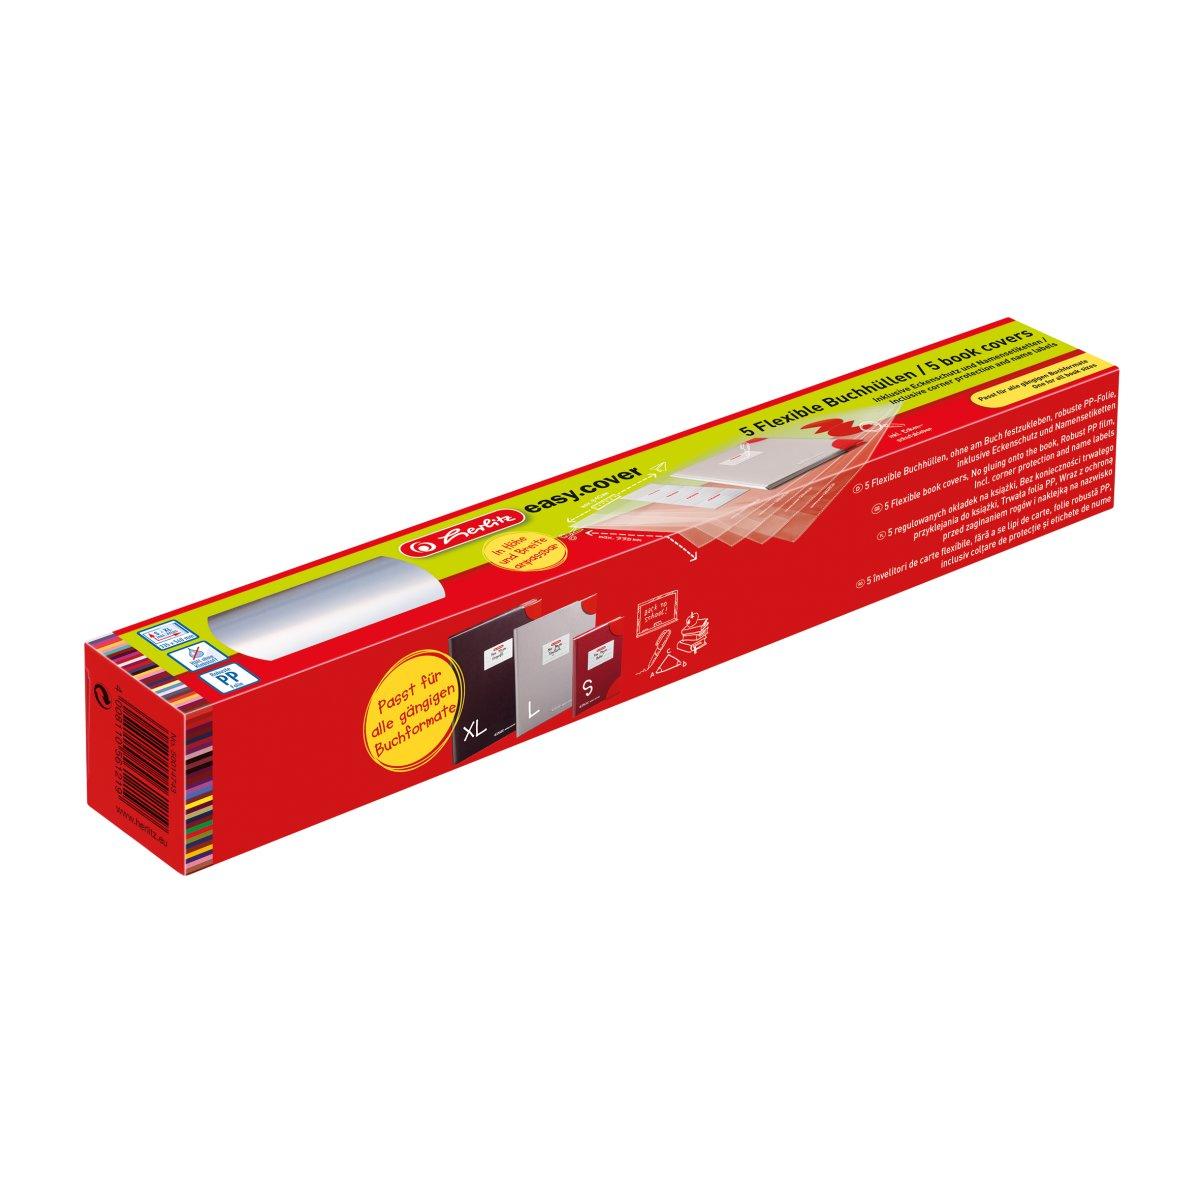 Herlitz 50014743 - Transparent - Polypropylen (PP) - 340 mm - 585 mm - 5 Stück(e)